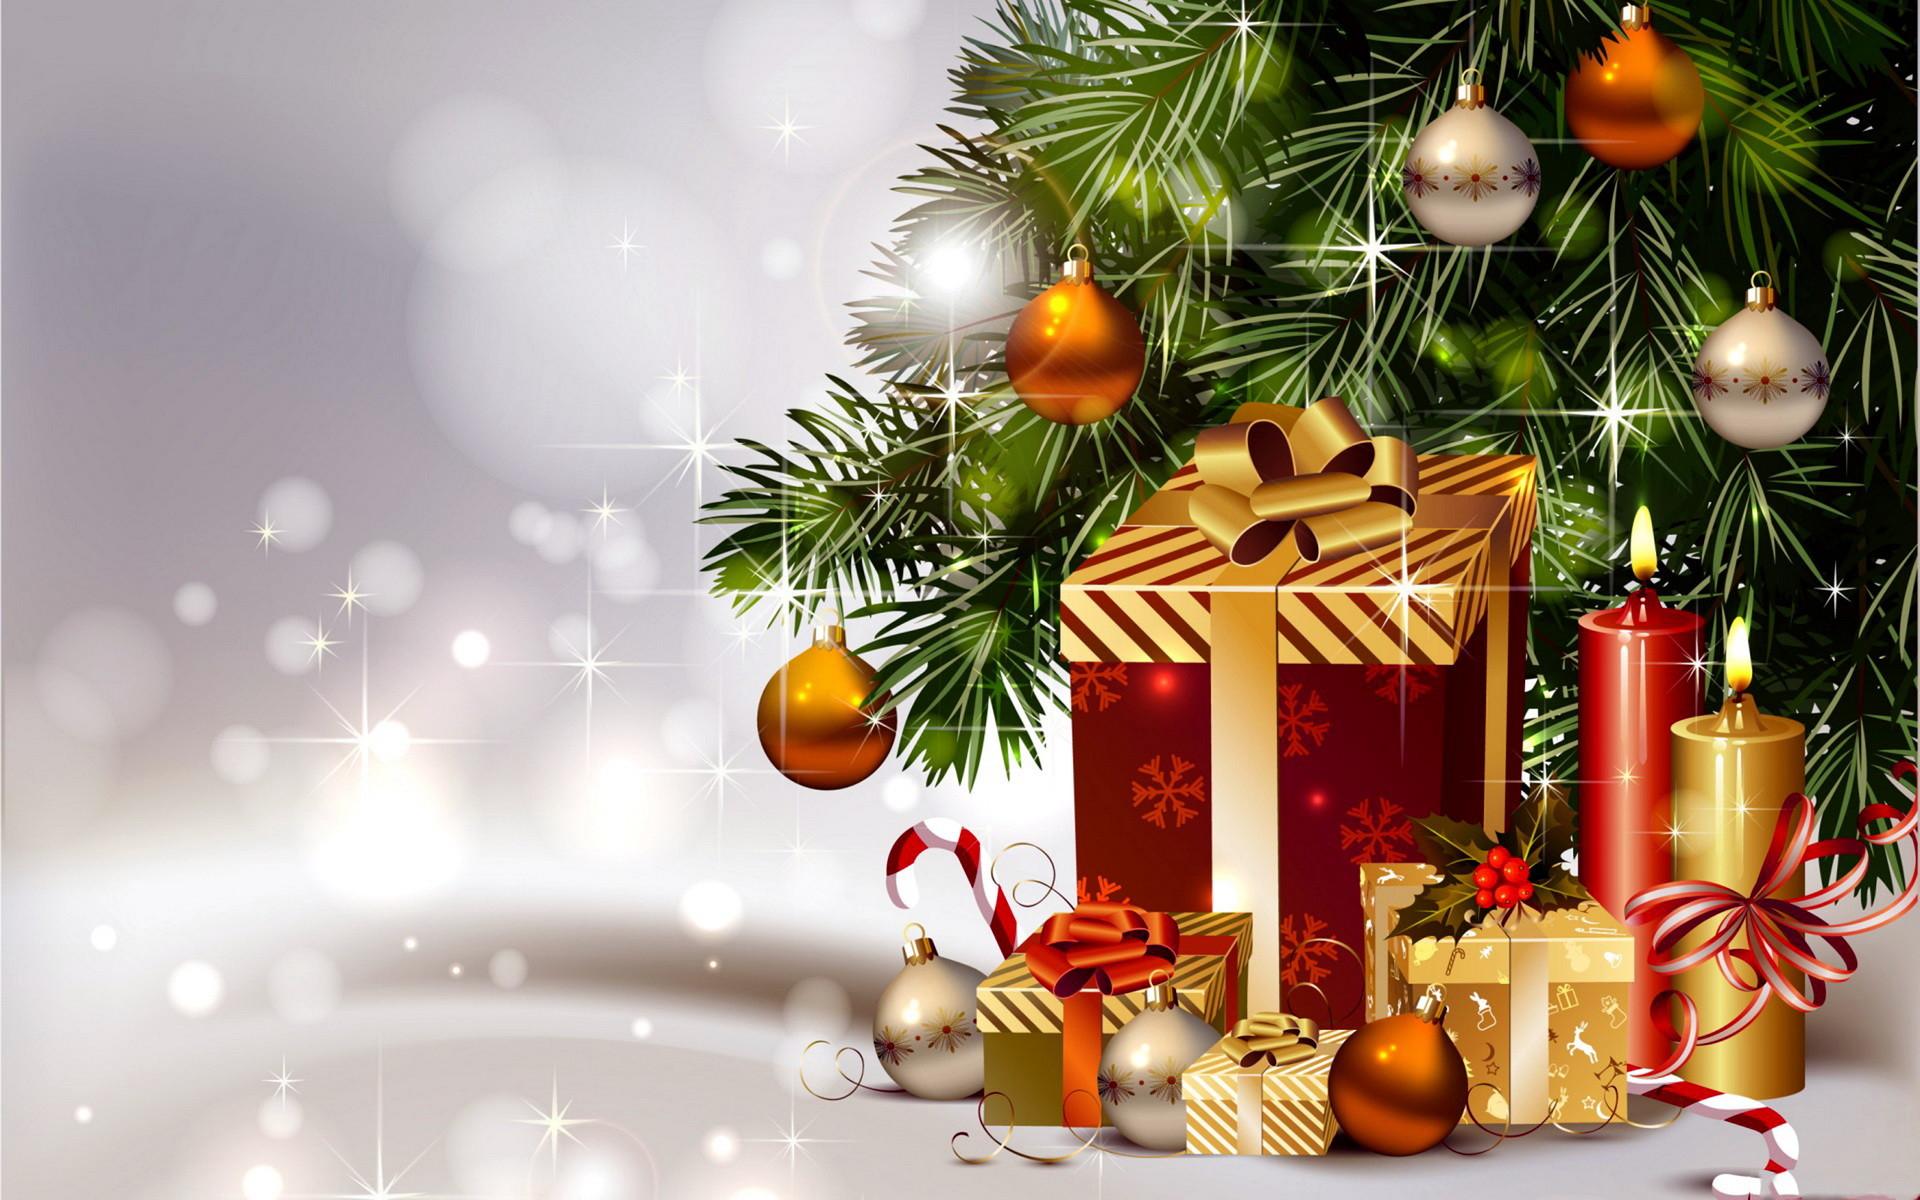 Live Wallpaper Weihnachten.Christmas Desktop Theme Wallpaper 58 Images